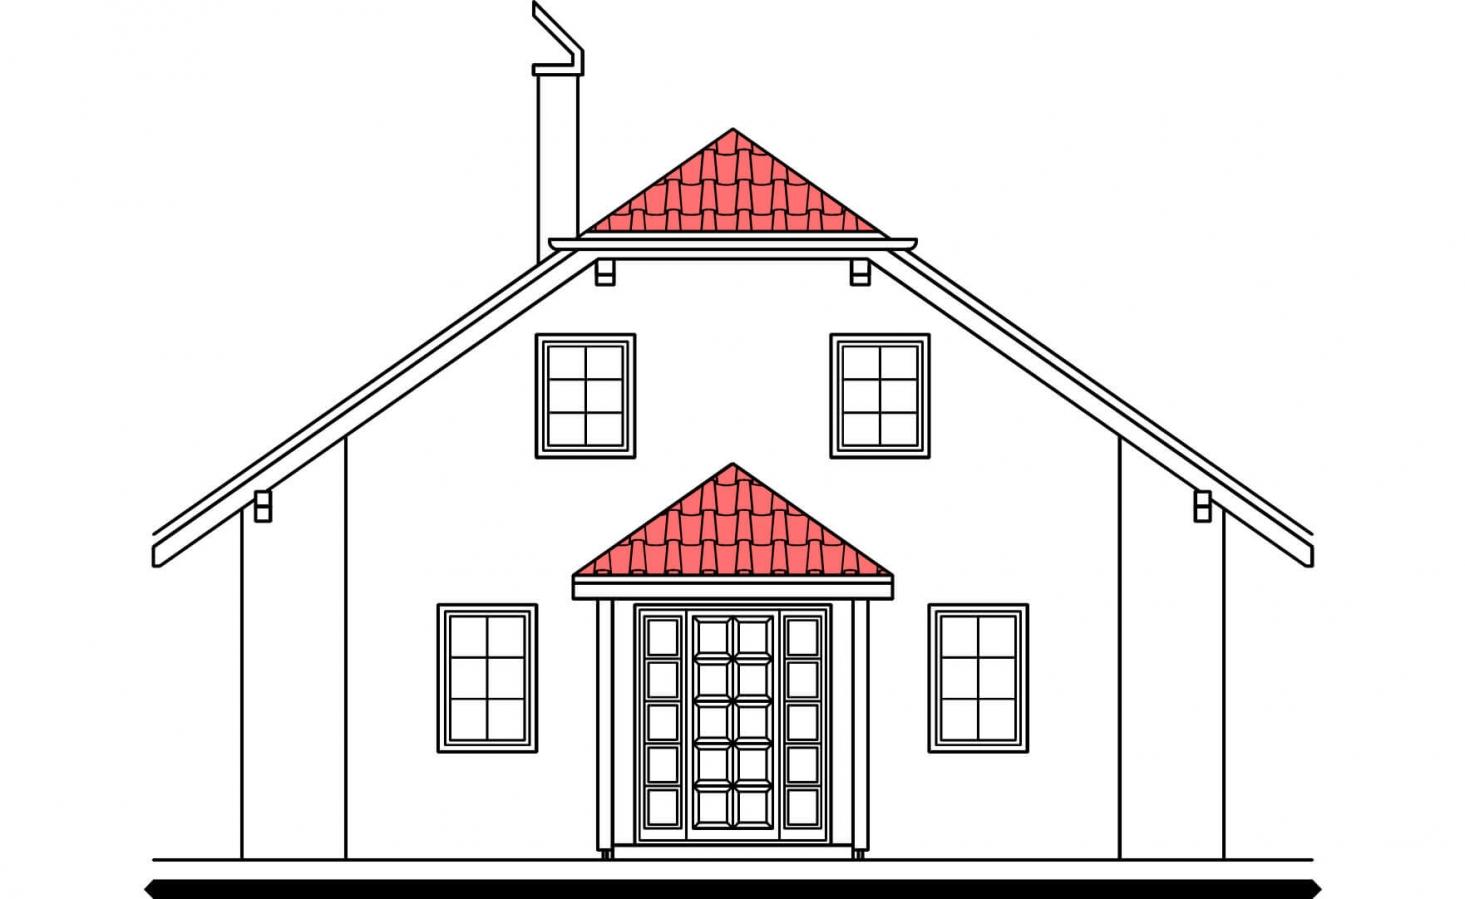 Pohľad 1. - Klasický rodinný dom so suterénom a izbou na prízemí.